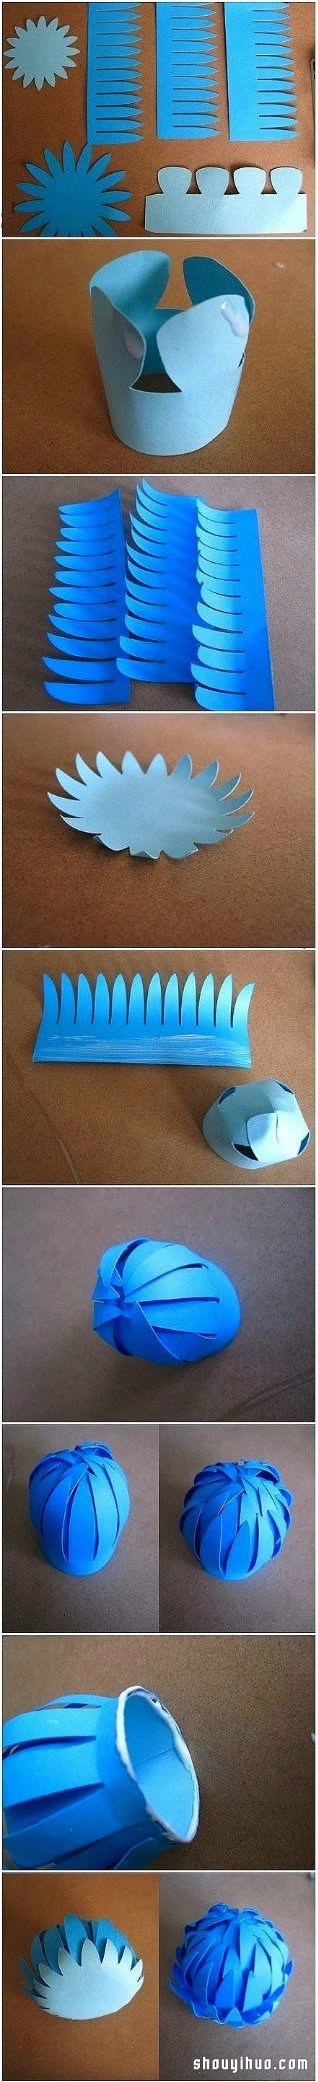 紙花球的做法圖解 紙花球用卡紙製作的方法